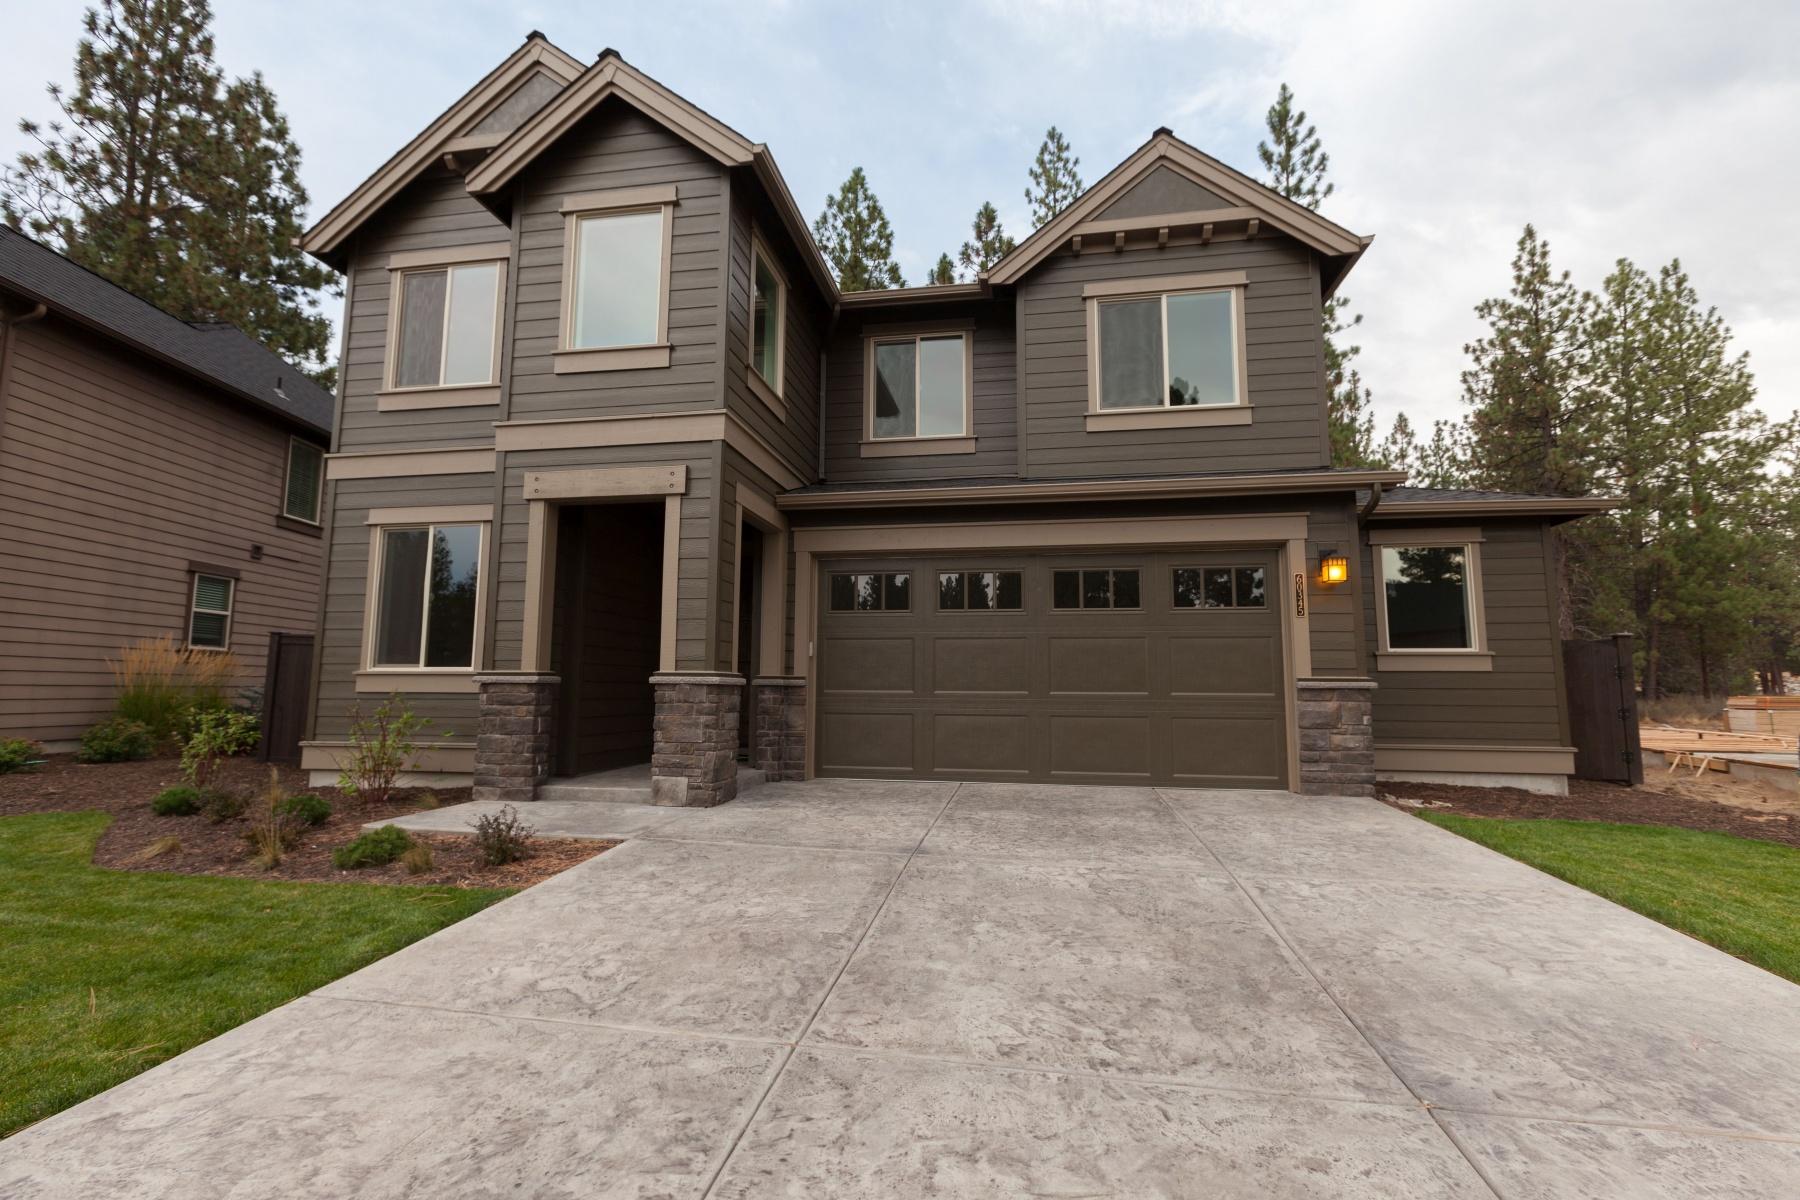 独户住宅 为 销售 在 1243 NE Sunrise Street Lot 79, PRINEVILLE 1243 NE Sunrise St Lot 79 普林维尔, 俄勒冈州, 97754 美国